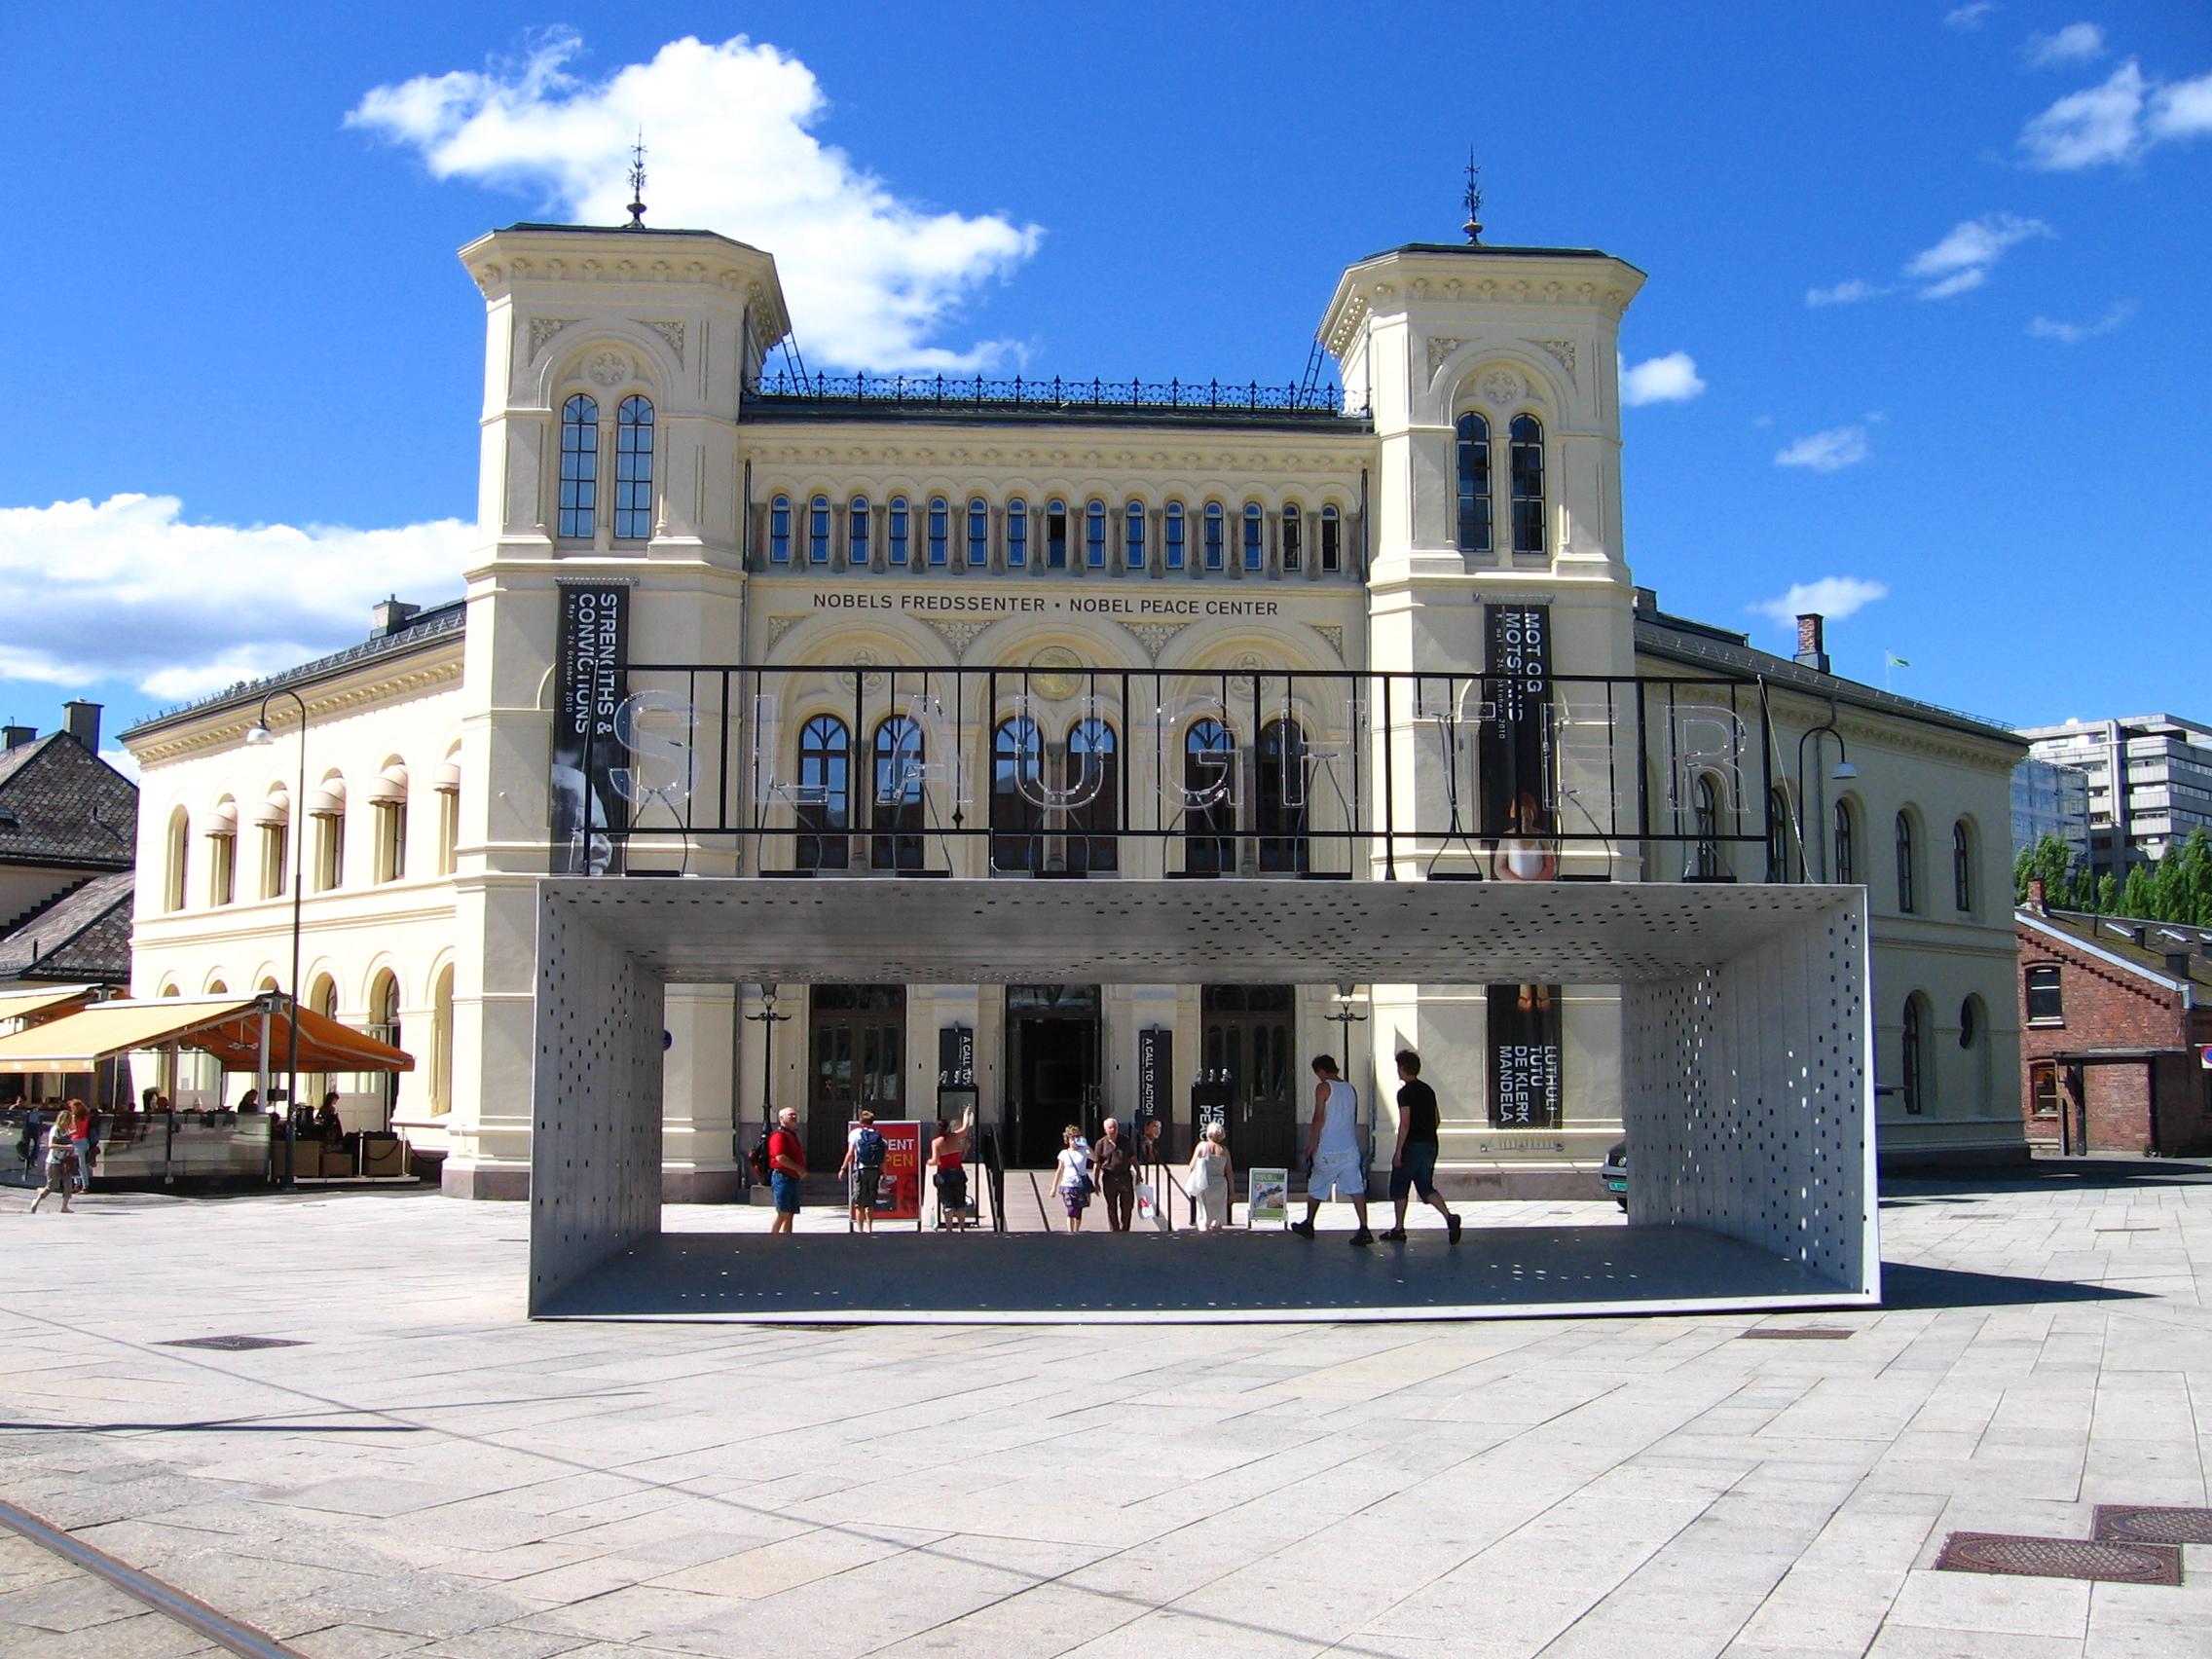 Muzeum Nobla. Oslo.